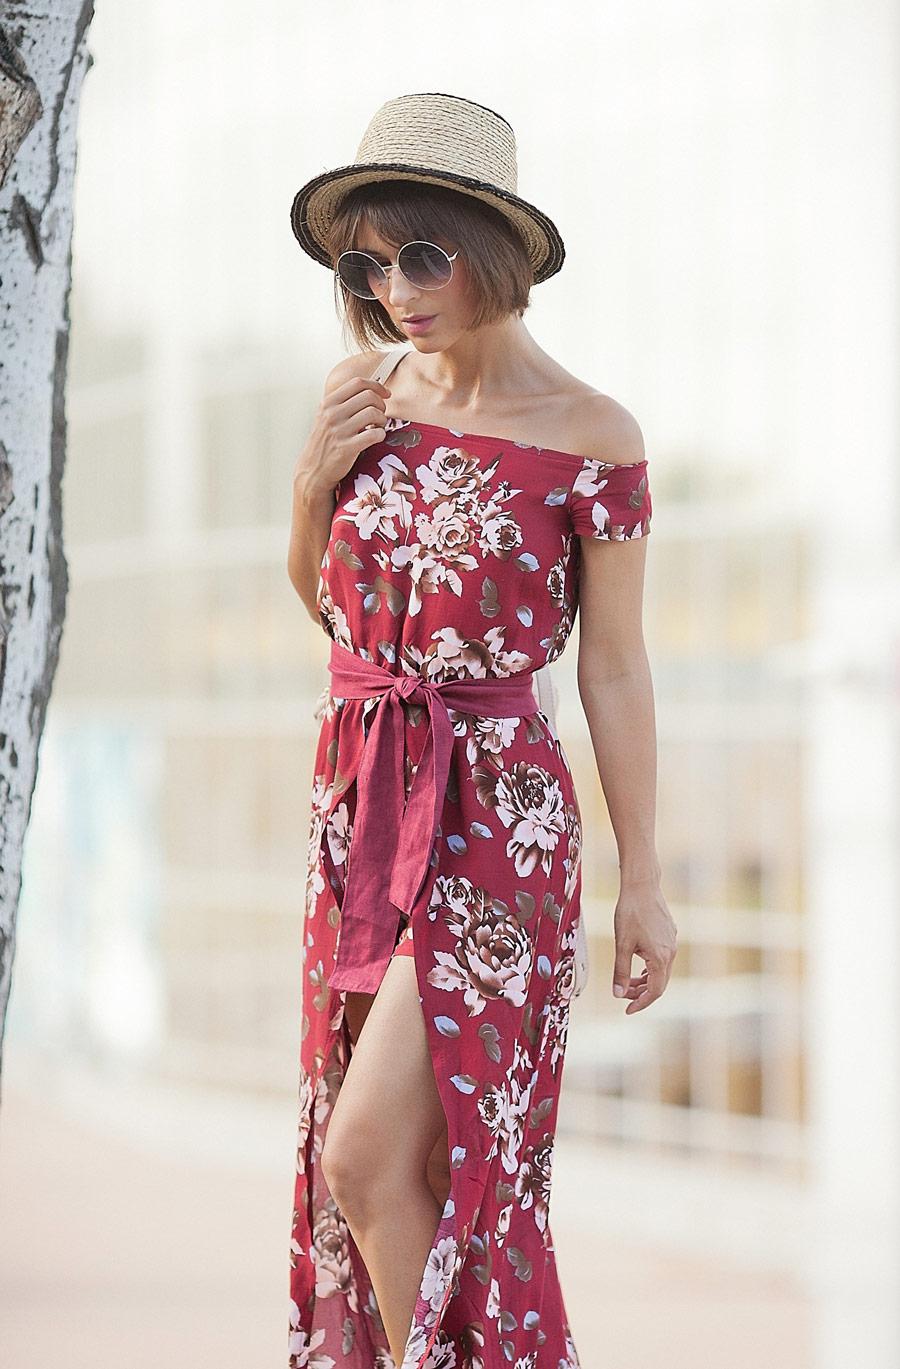 floral print, maxi dress, цветочное платье, уличная мода для лета, бохо стиль, летний бохо стиль,